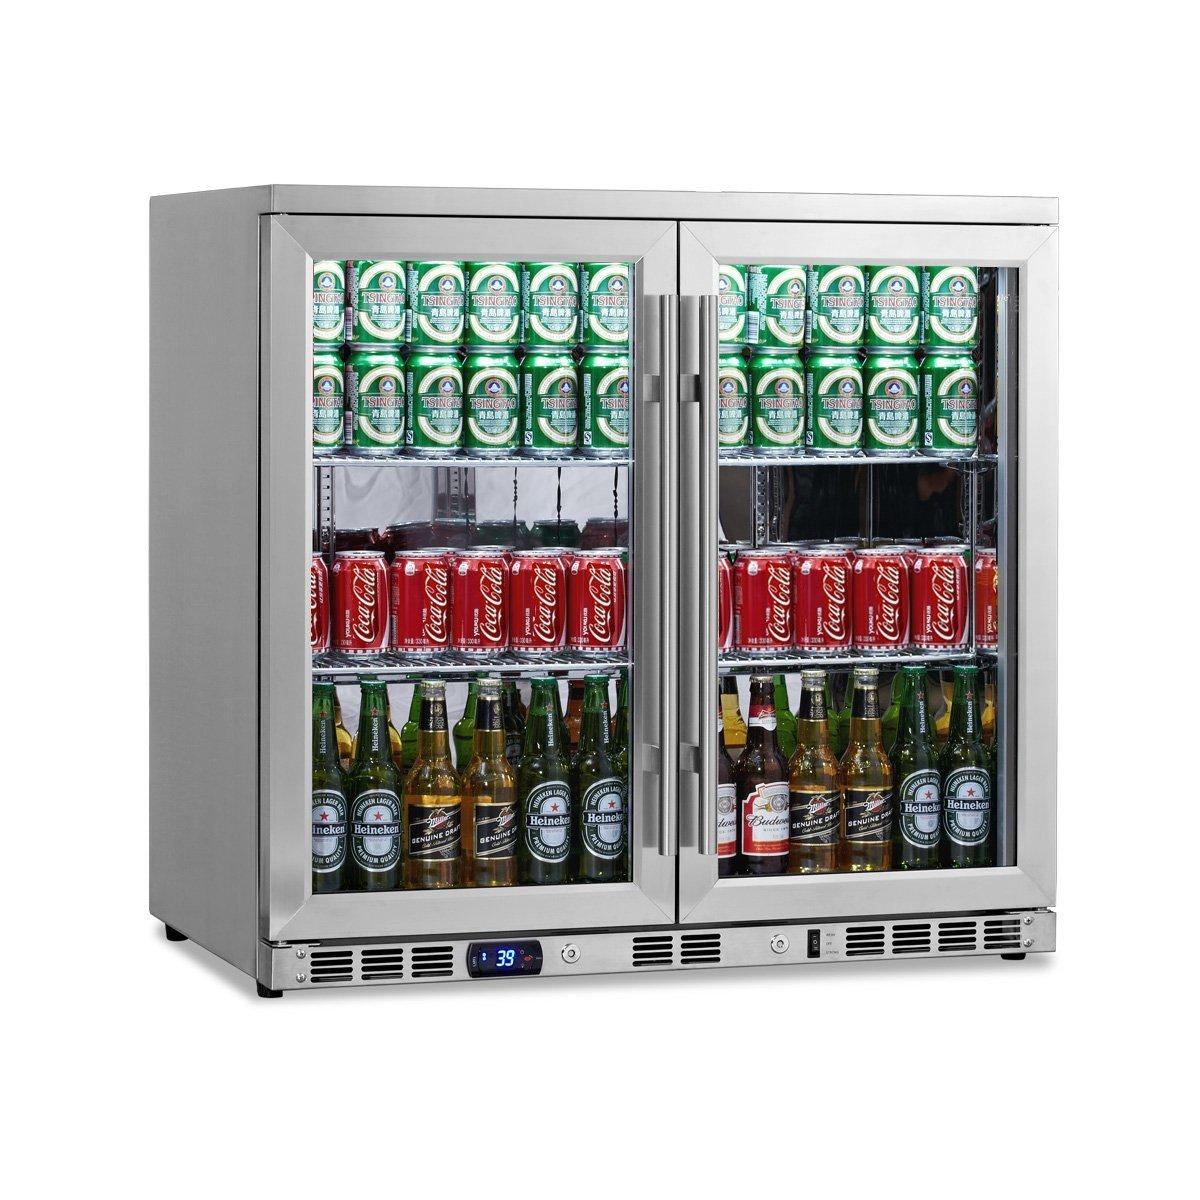 Kingsbottle fridge